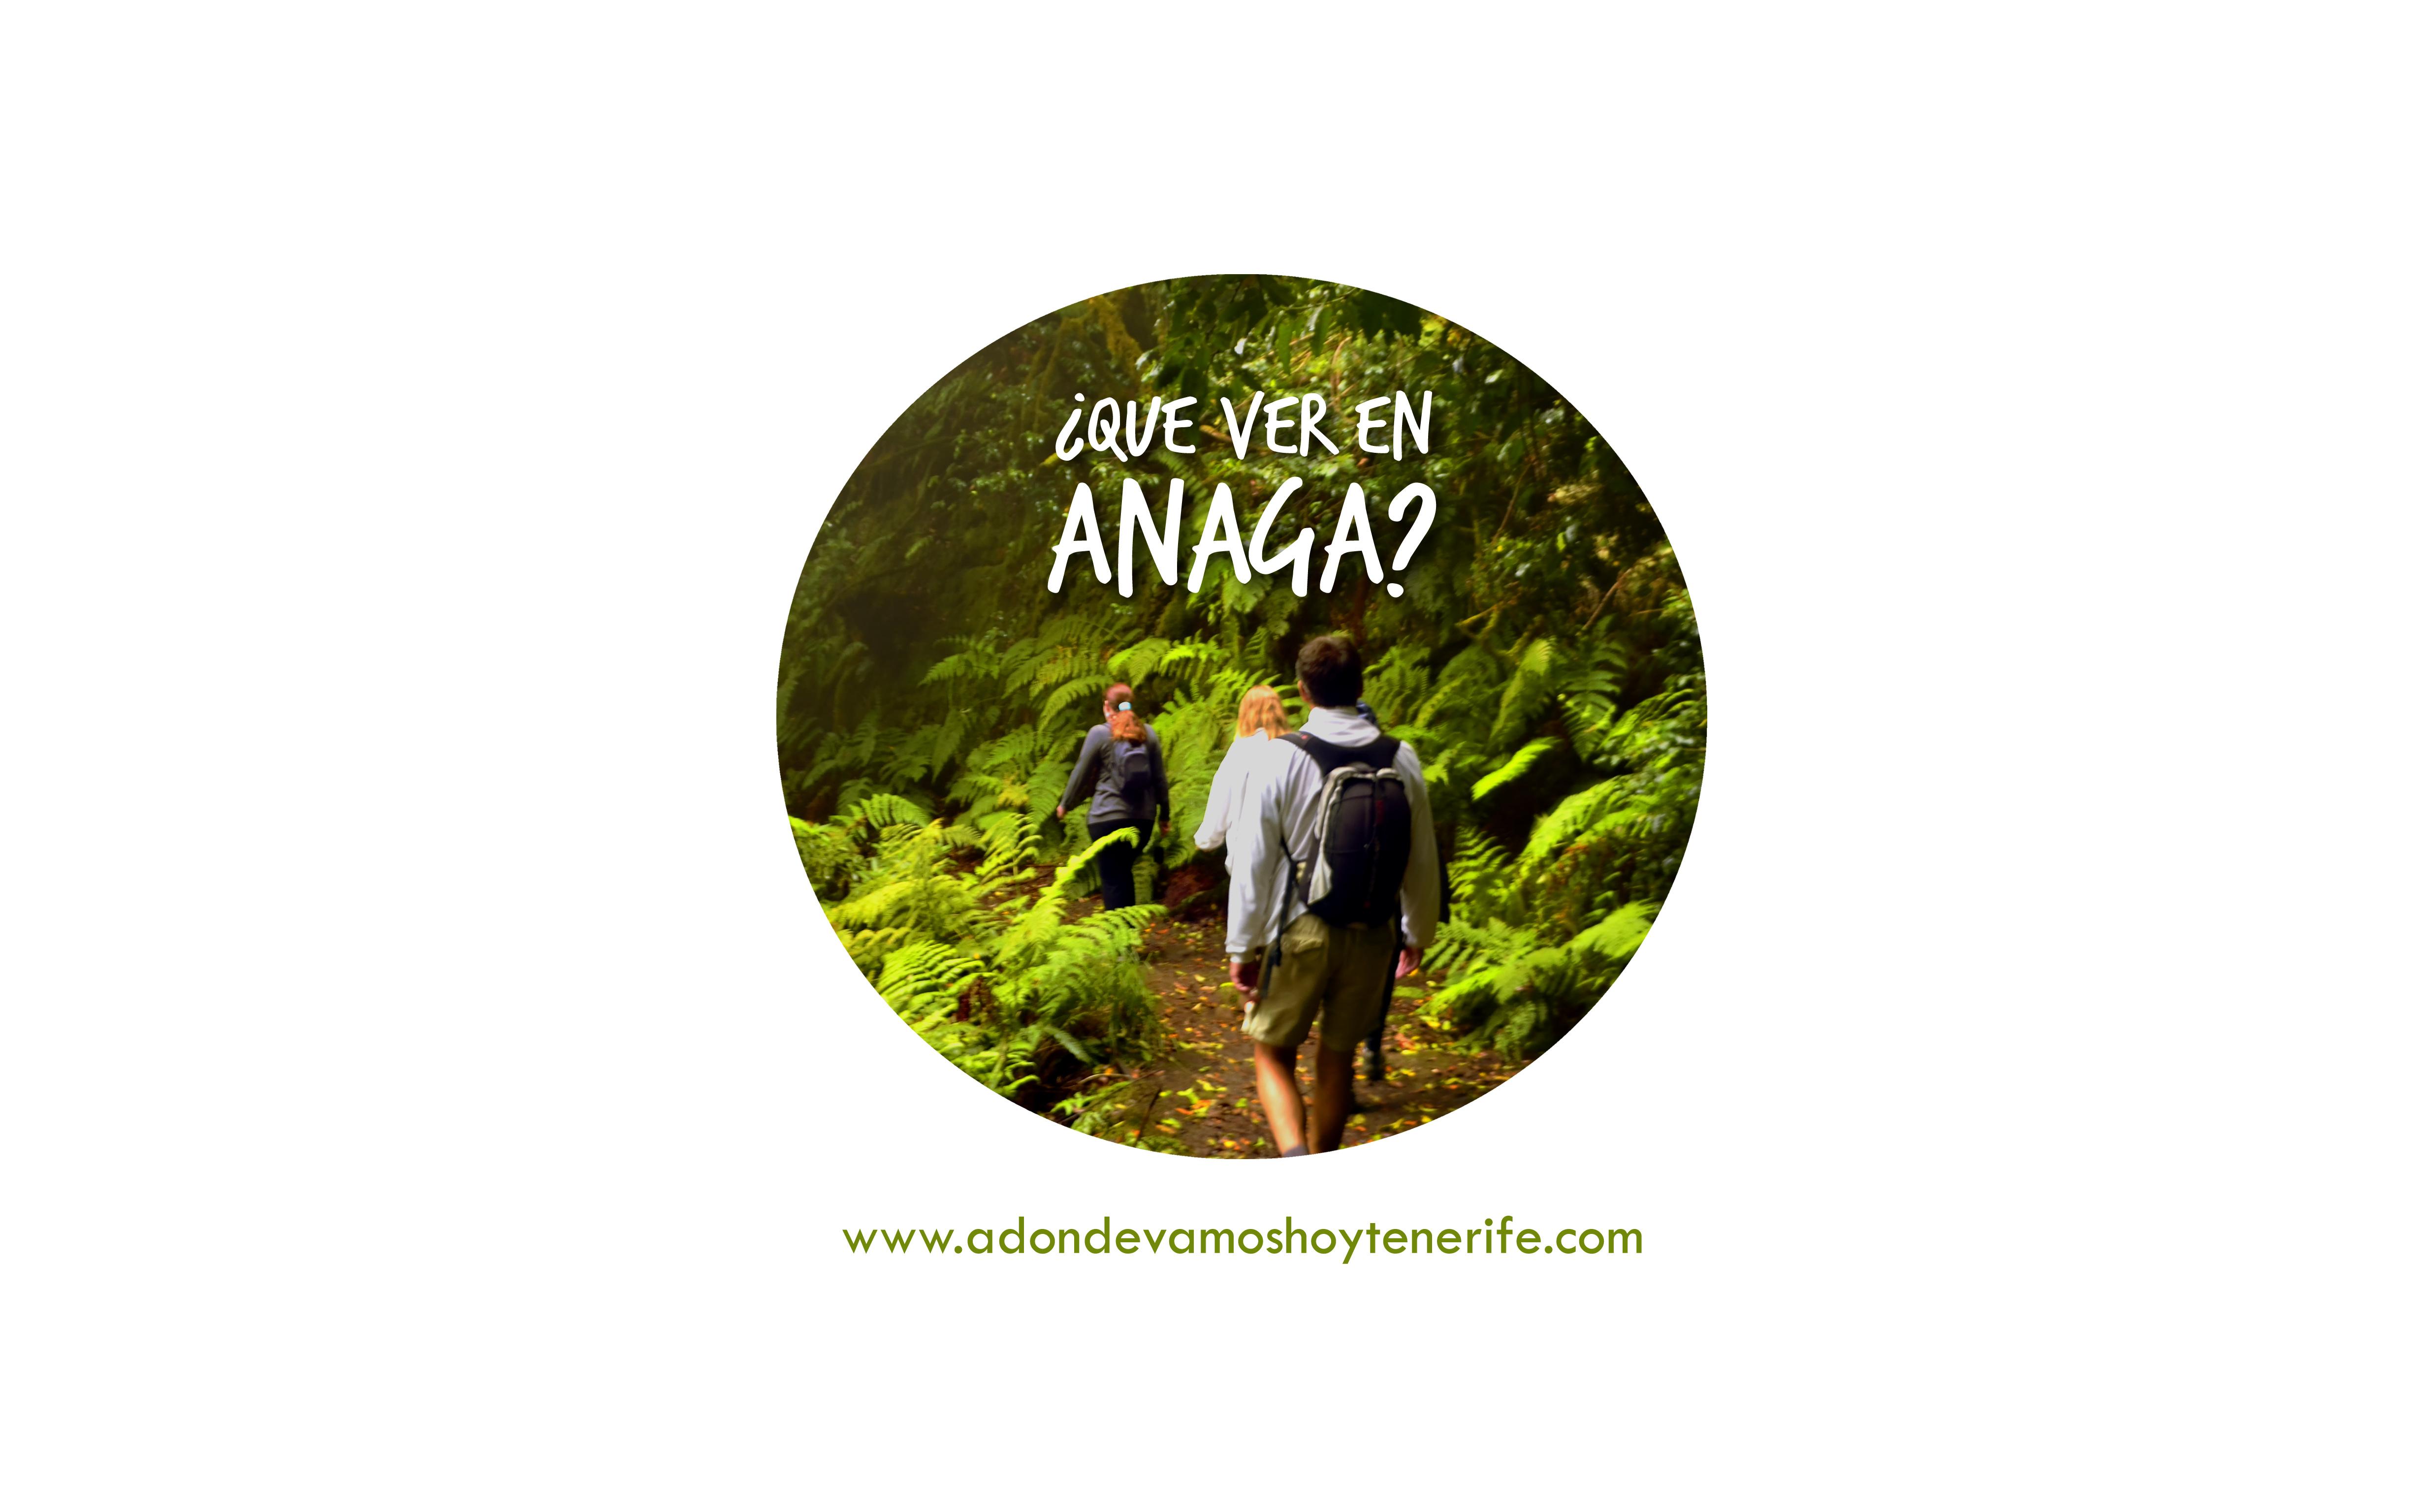 ¿Qué ver en Anaga?